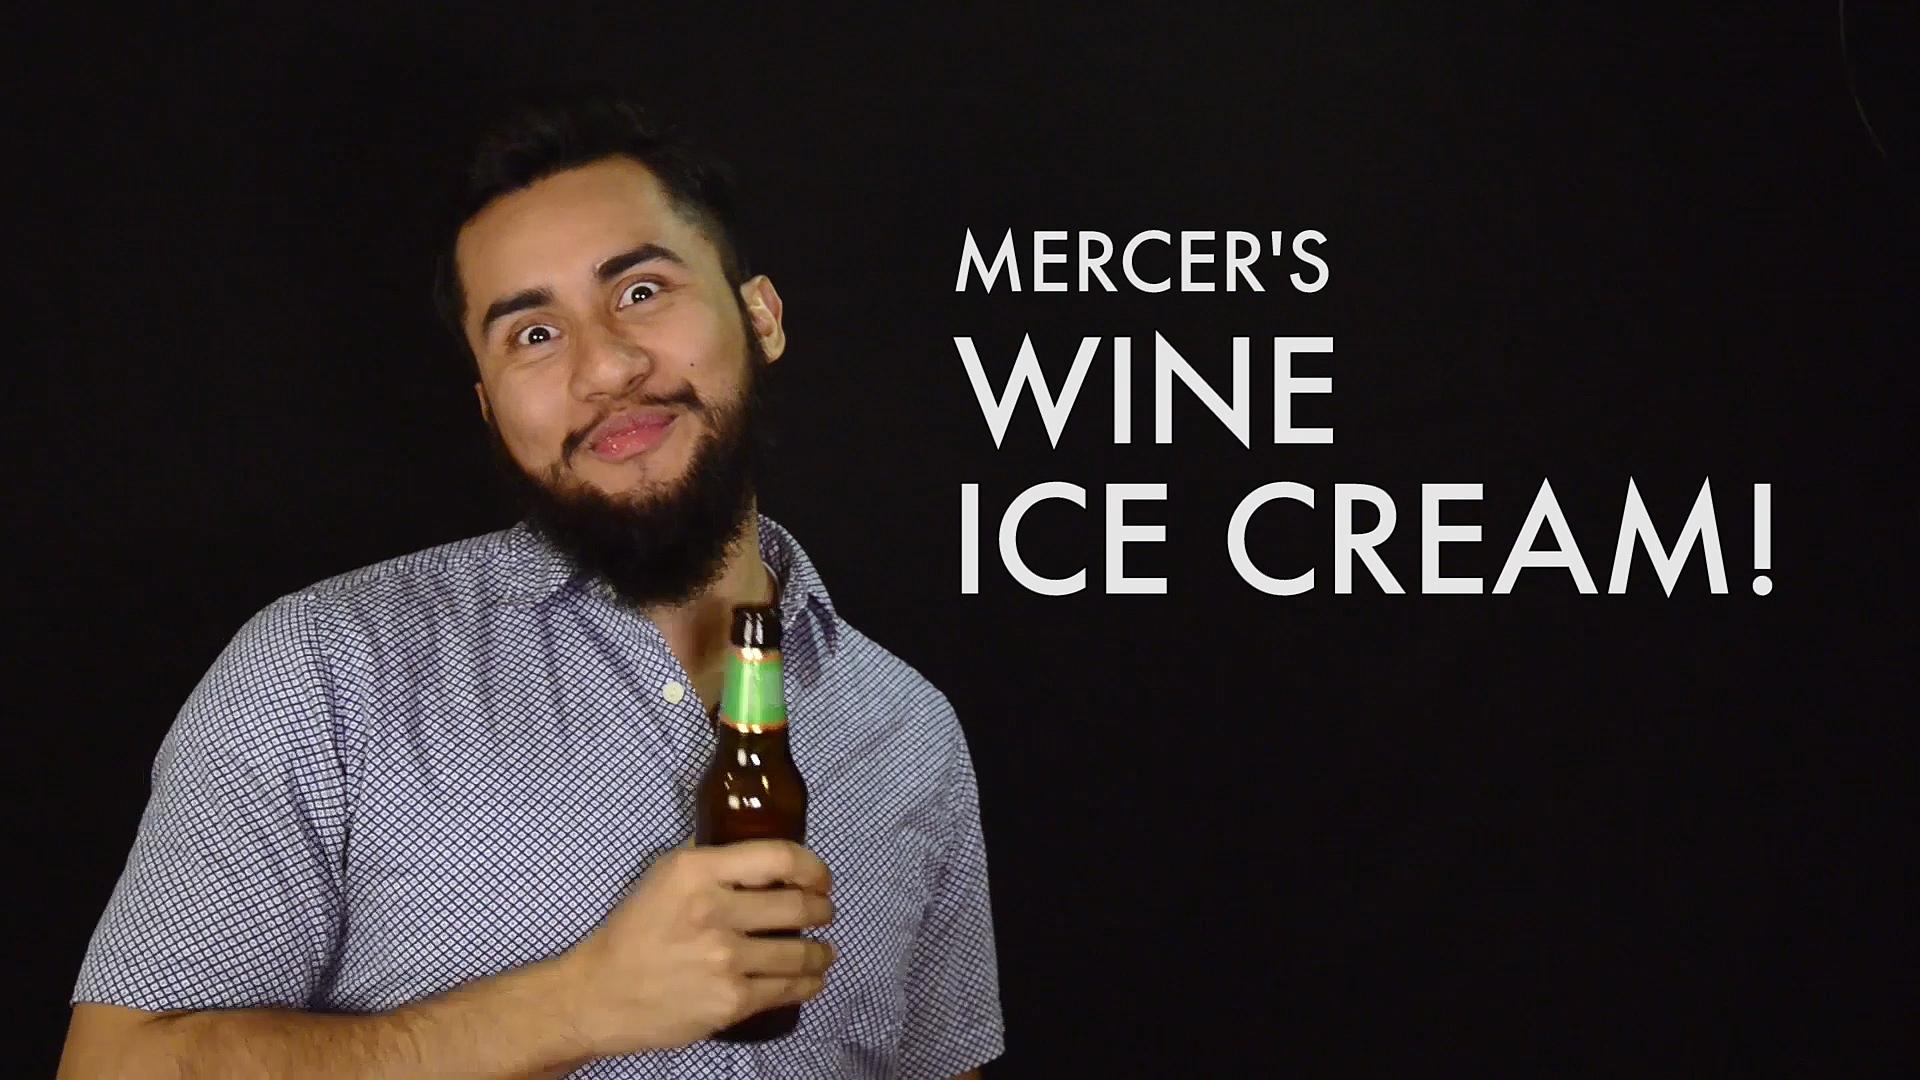 STRANGE FOOD SUNDAY: ALCOHOLIC ICE CREAM